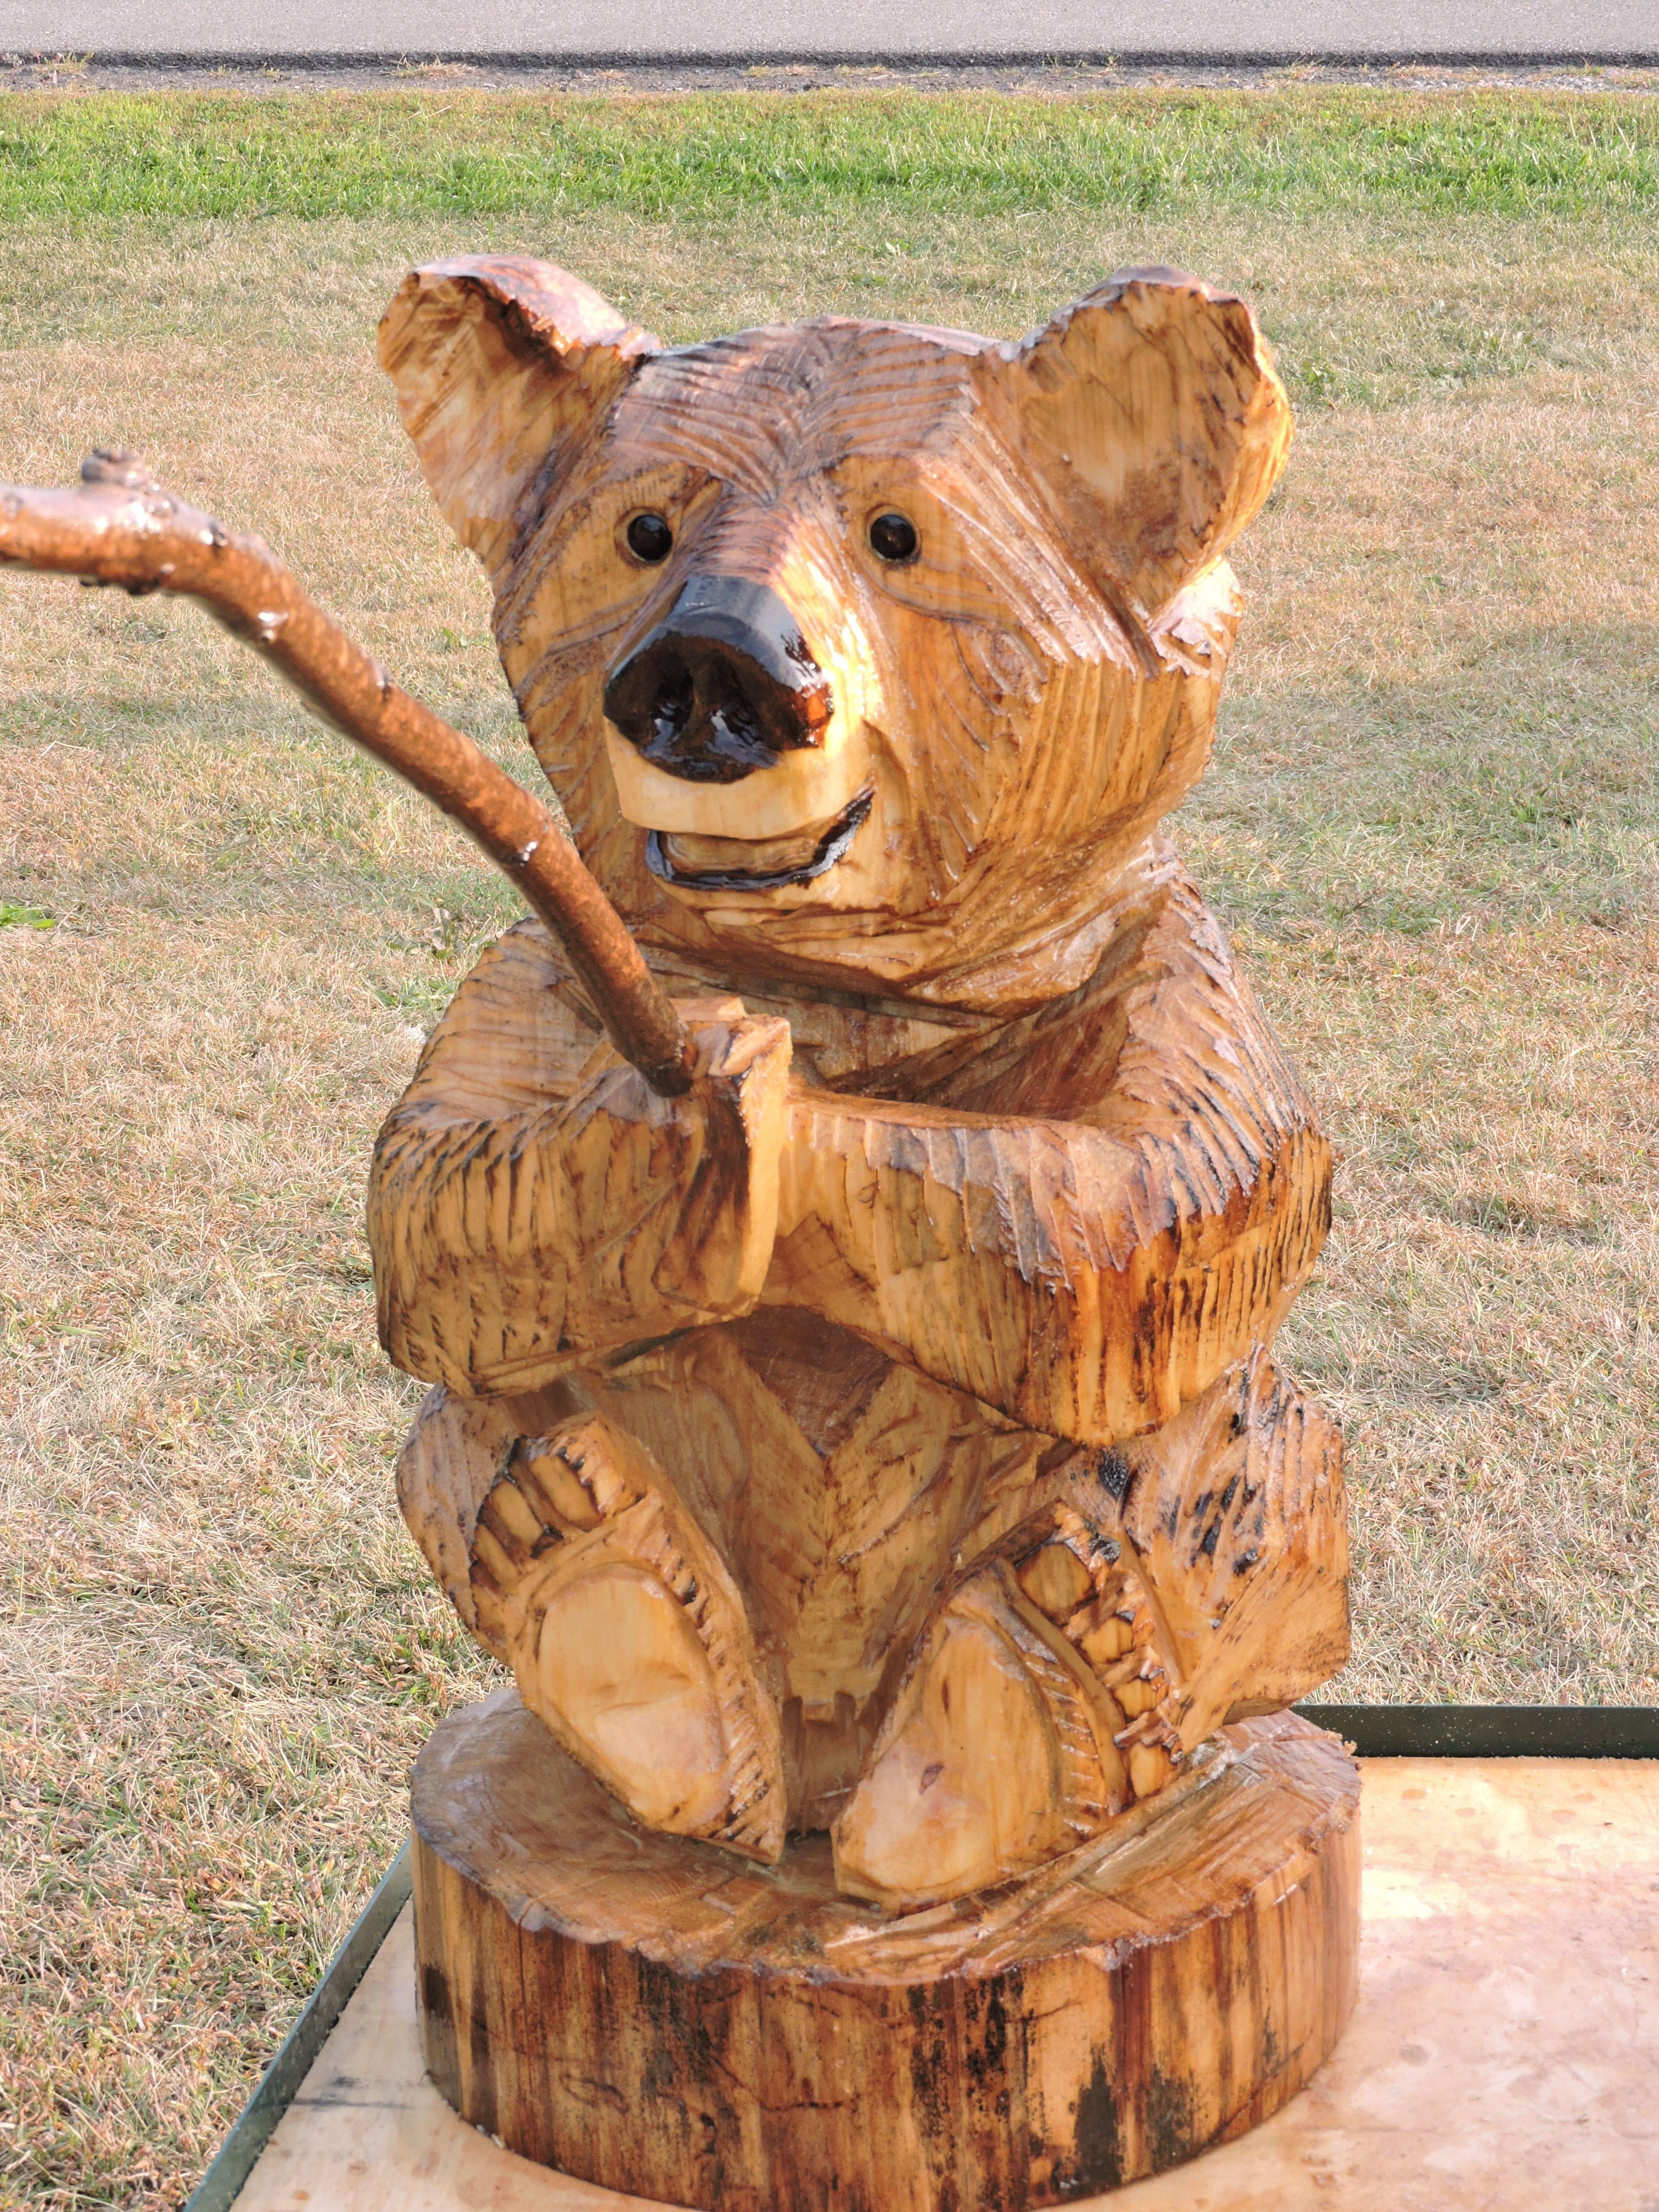 нетерпением буду фигуры медведя из дерева своими руками фото будучи маленькой, особенно